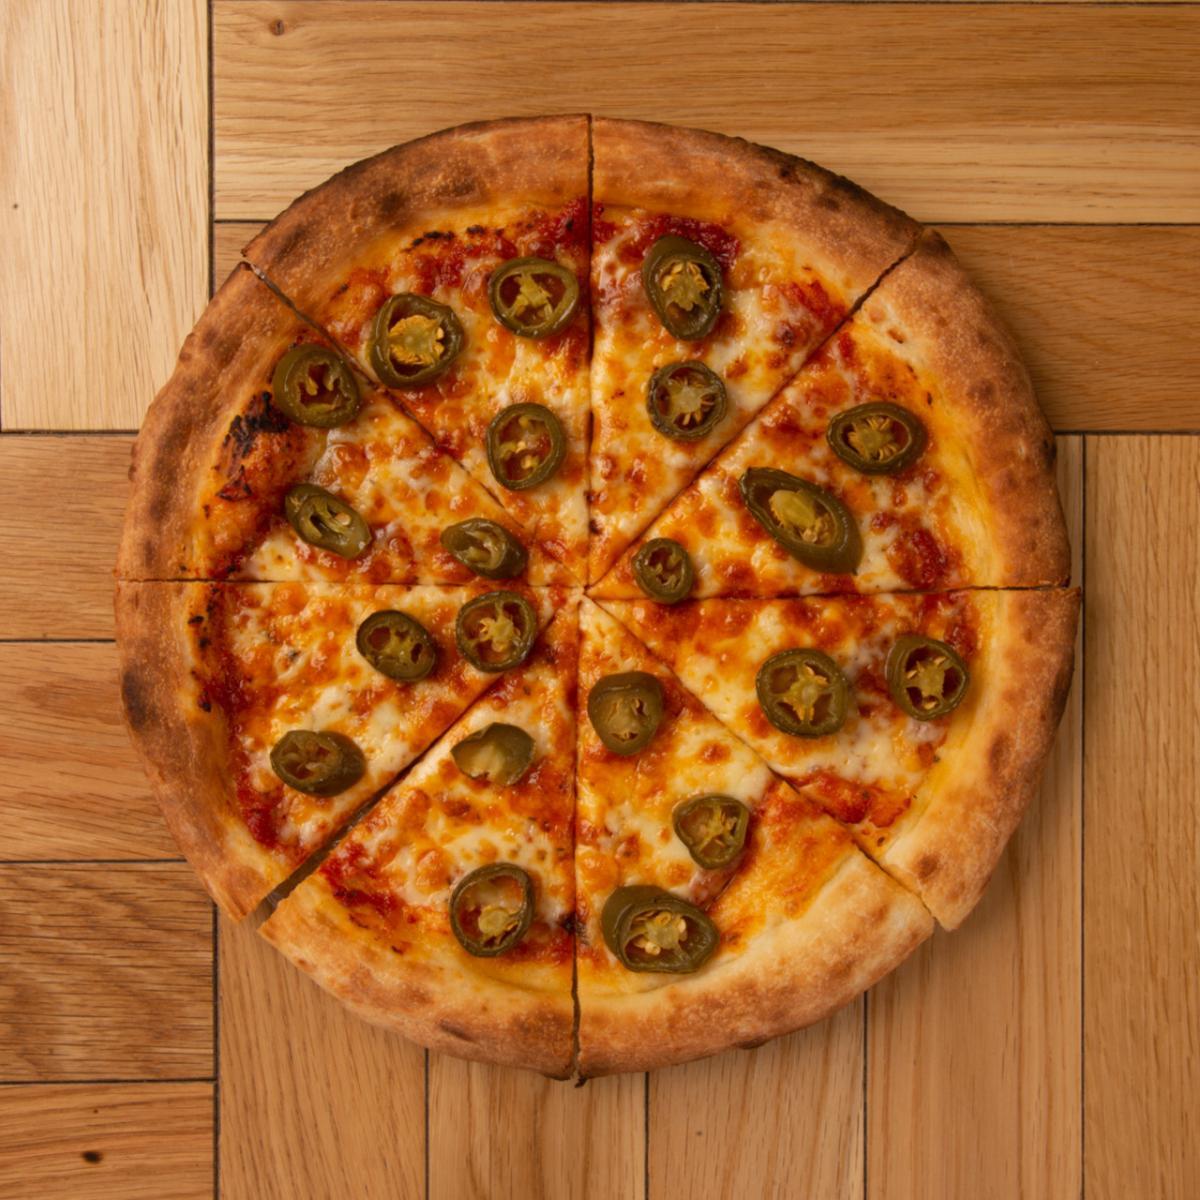 ハラペーニョピザ 【ドリンク&ポテトセット】のイメージ